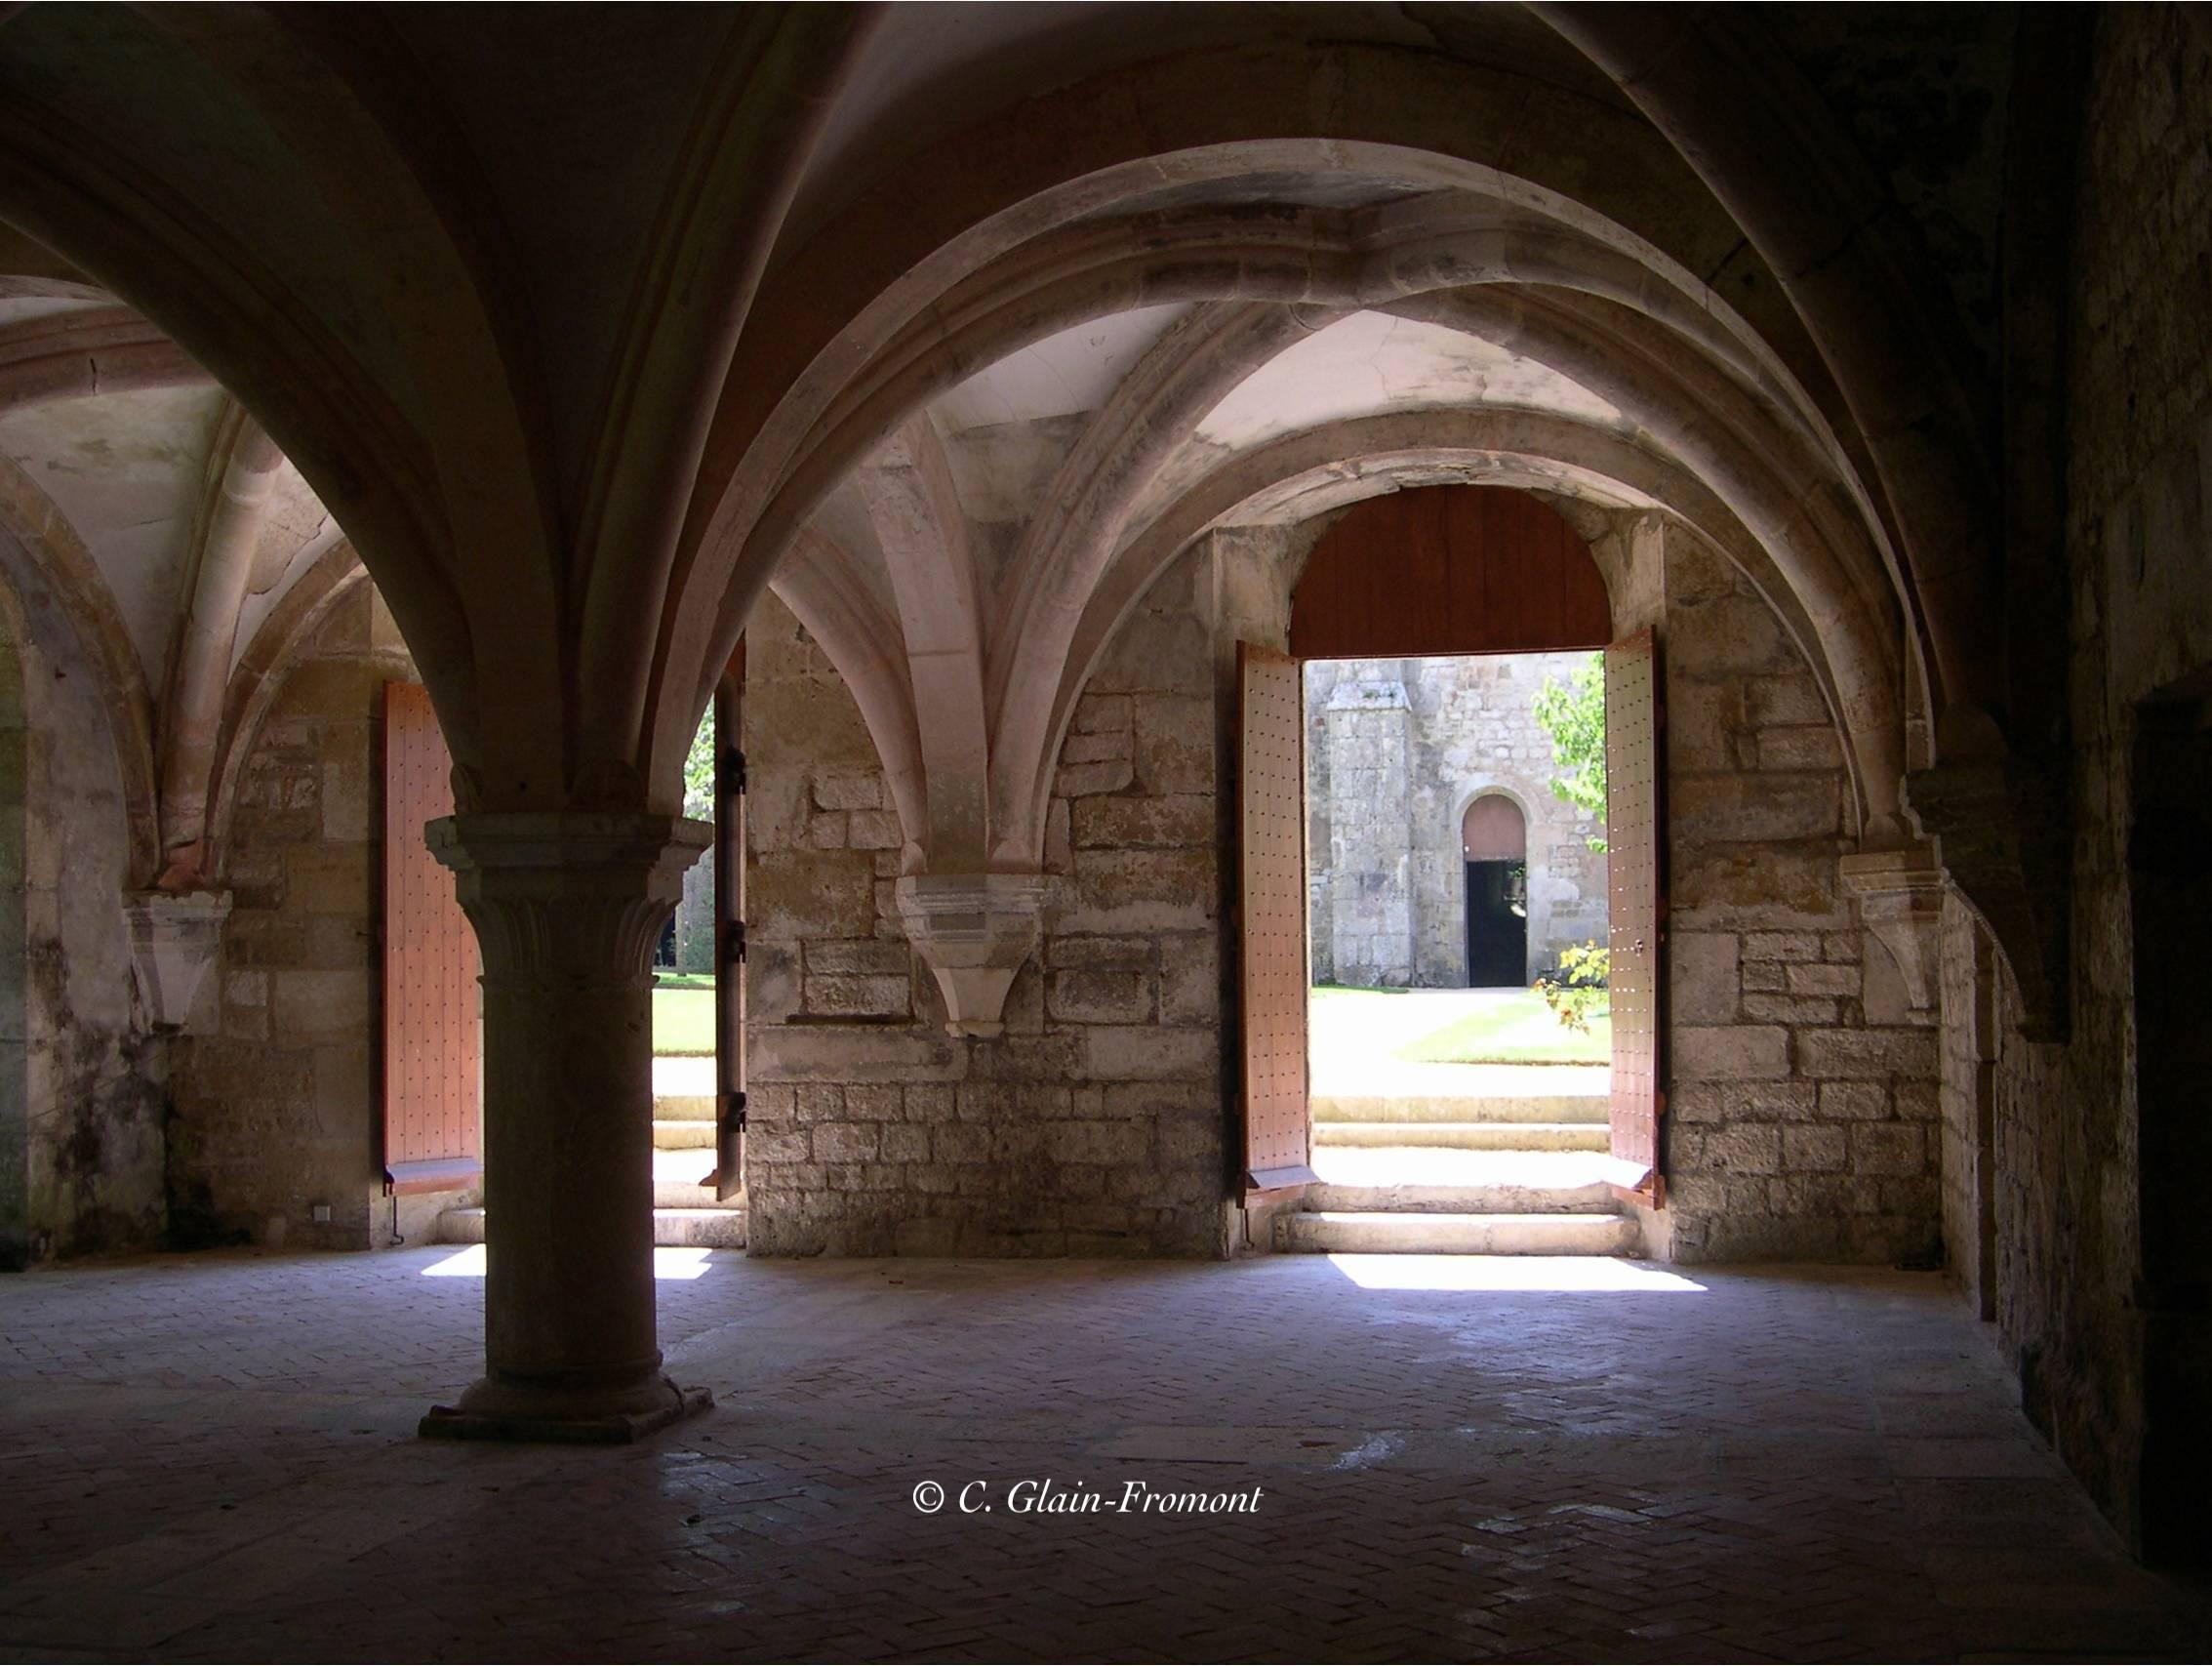 Fontenay le scriptorium